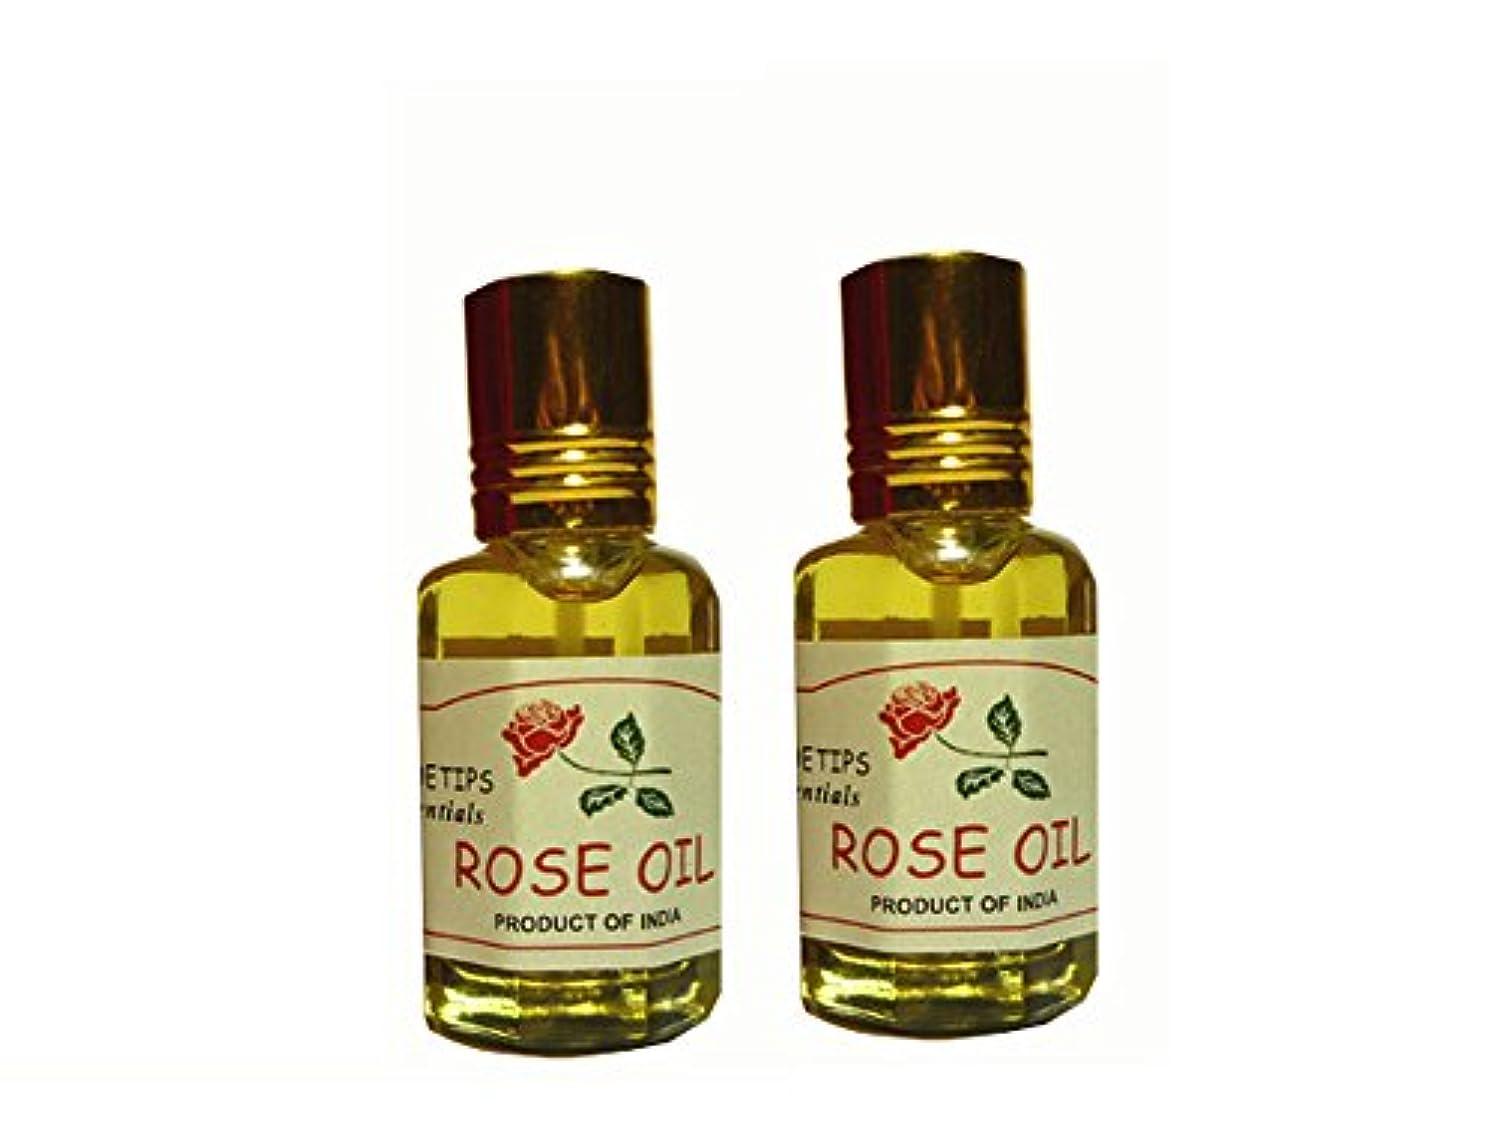 豊富理論マカダムペコー ティップス ダマスクローズ オイル オット 100%精油(インド産 精油) 2本 PEKOE TIPS TEA ROSE ESSENTIAL OIL ROSA DAMASCENA(Damask rose) 12ml...